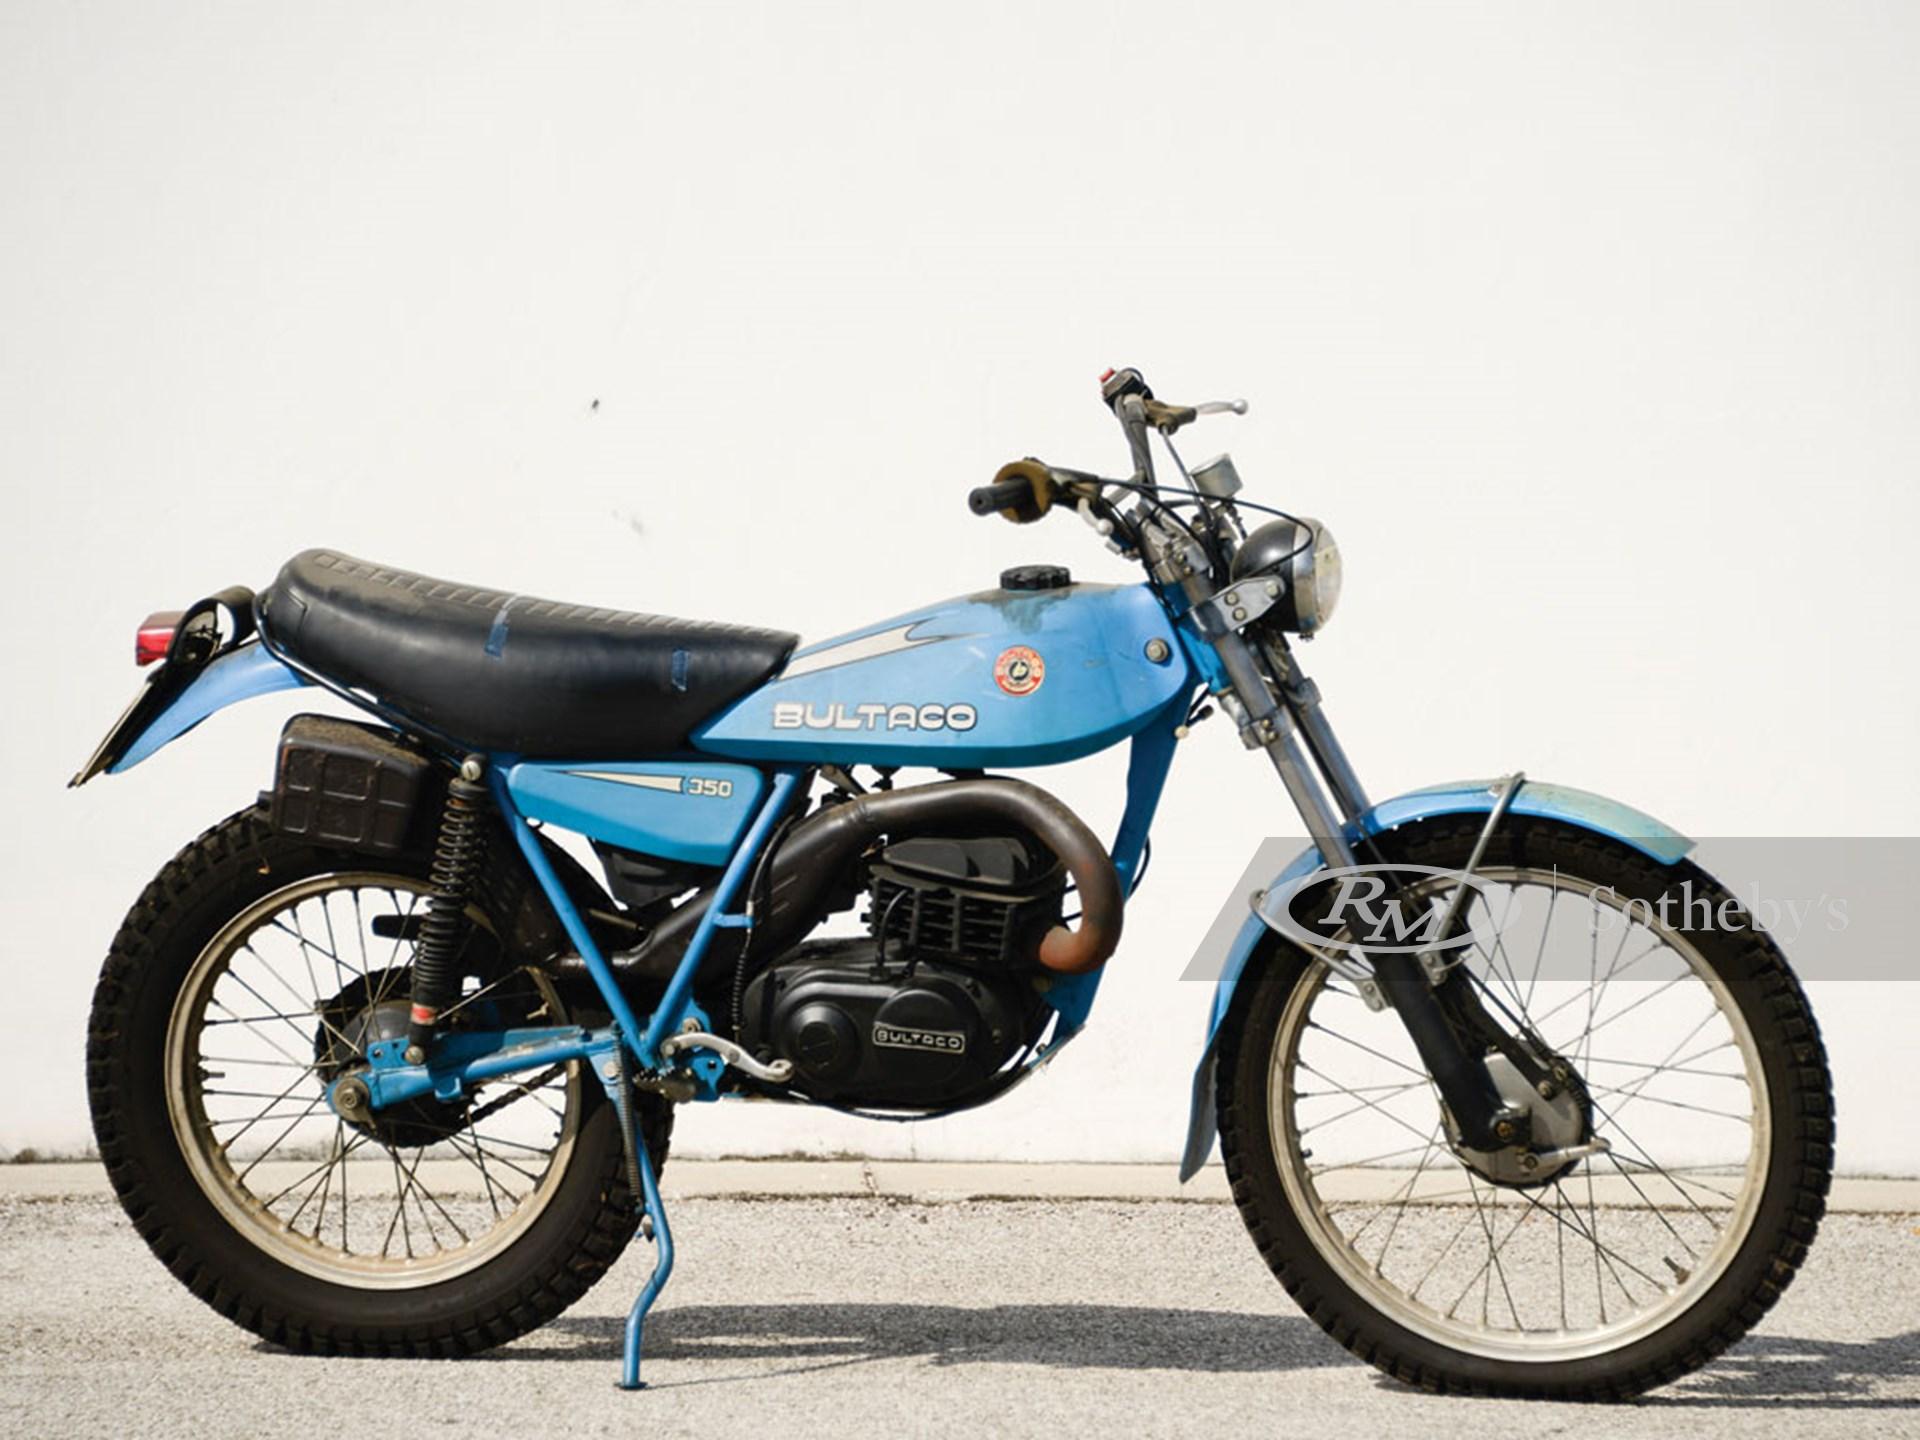 1978 Bultaco Sherpa T 350